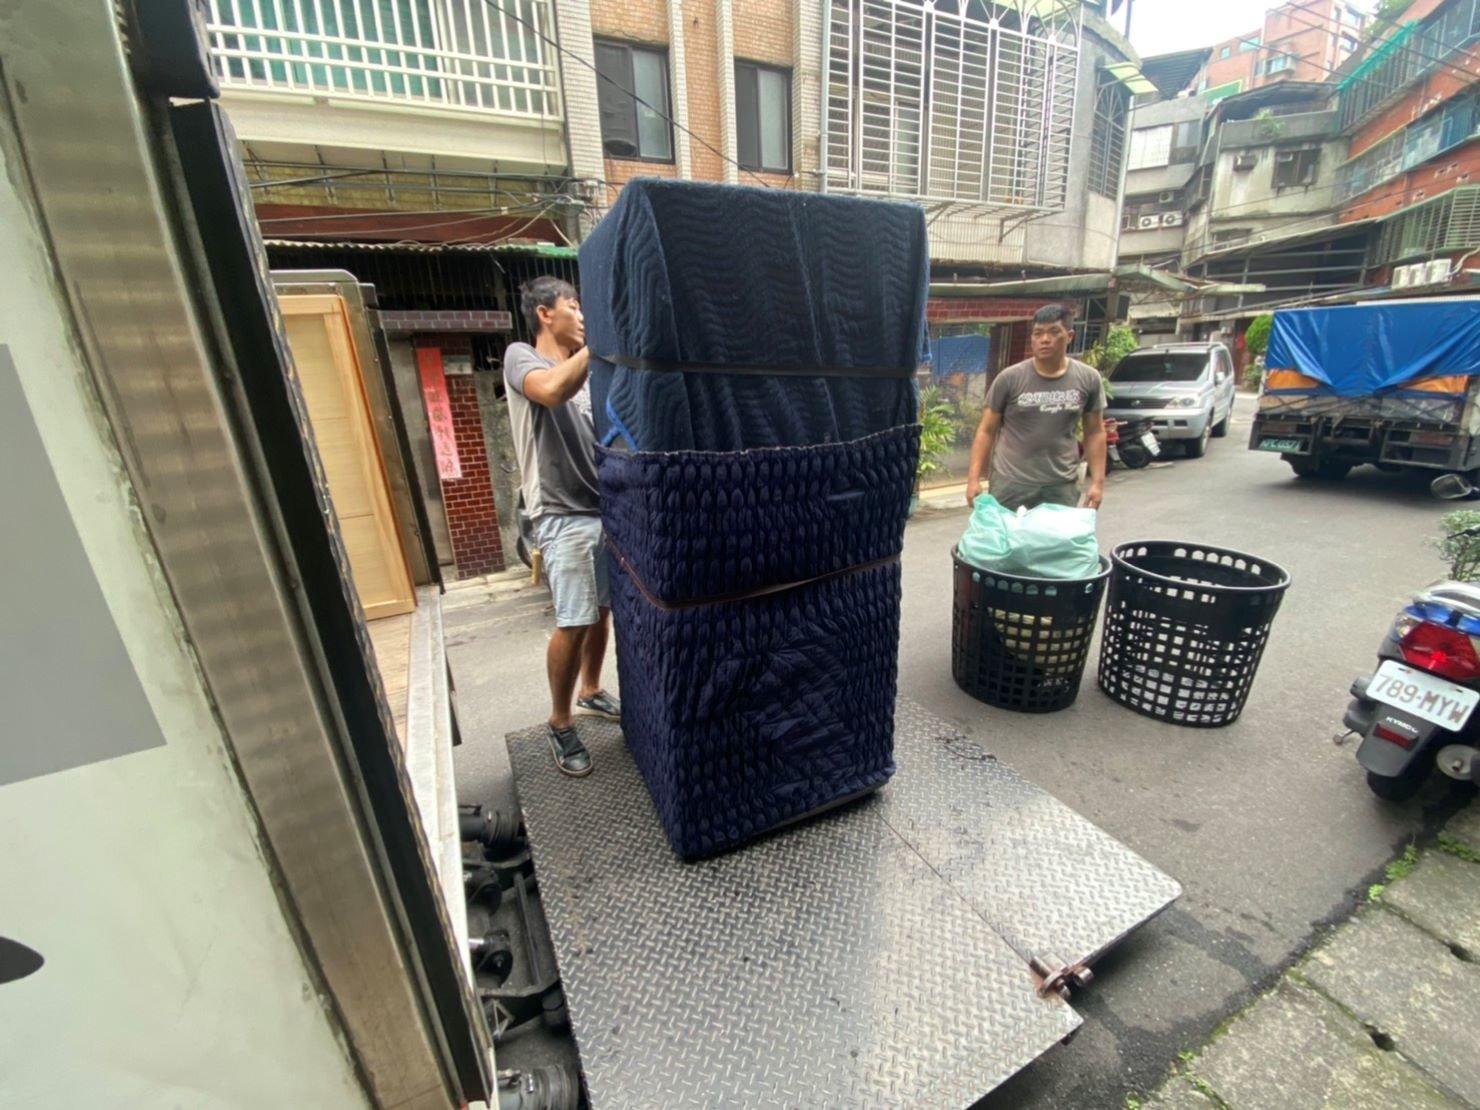 精搬冰箱【榮福搬家公司】搬冰箱、搬家首選、搬家公司推薦:優質搬家,包裝搬運「細膩包裝、專業搬運、用心服務、以客為尊」是榮福搬家公司的宗旨與精神。歡迎立即來電02-2651-2727專人服務。系統式家具拆裝找專業的榮福搬家就對了。